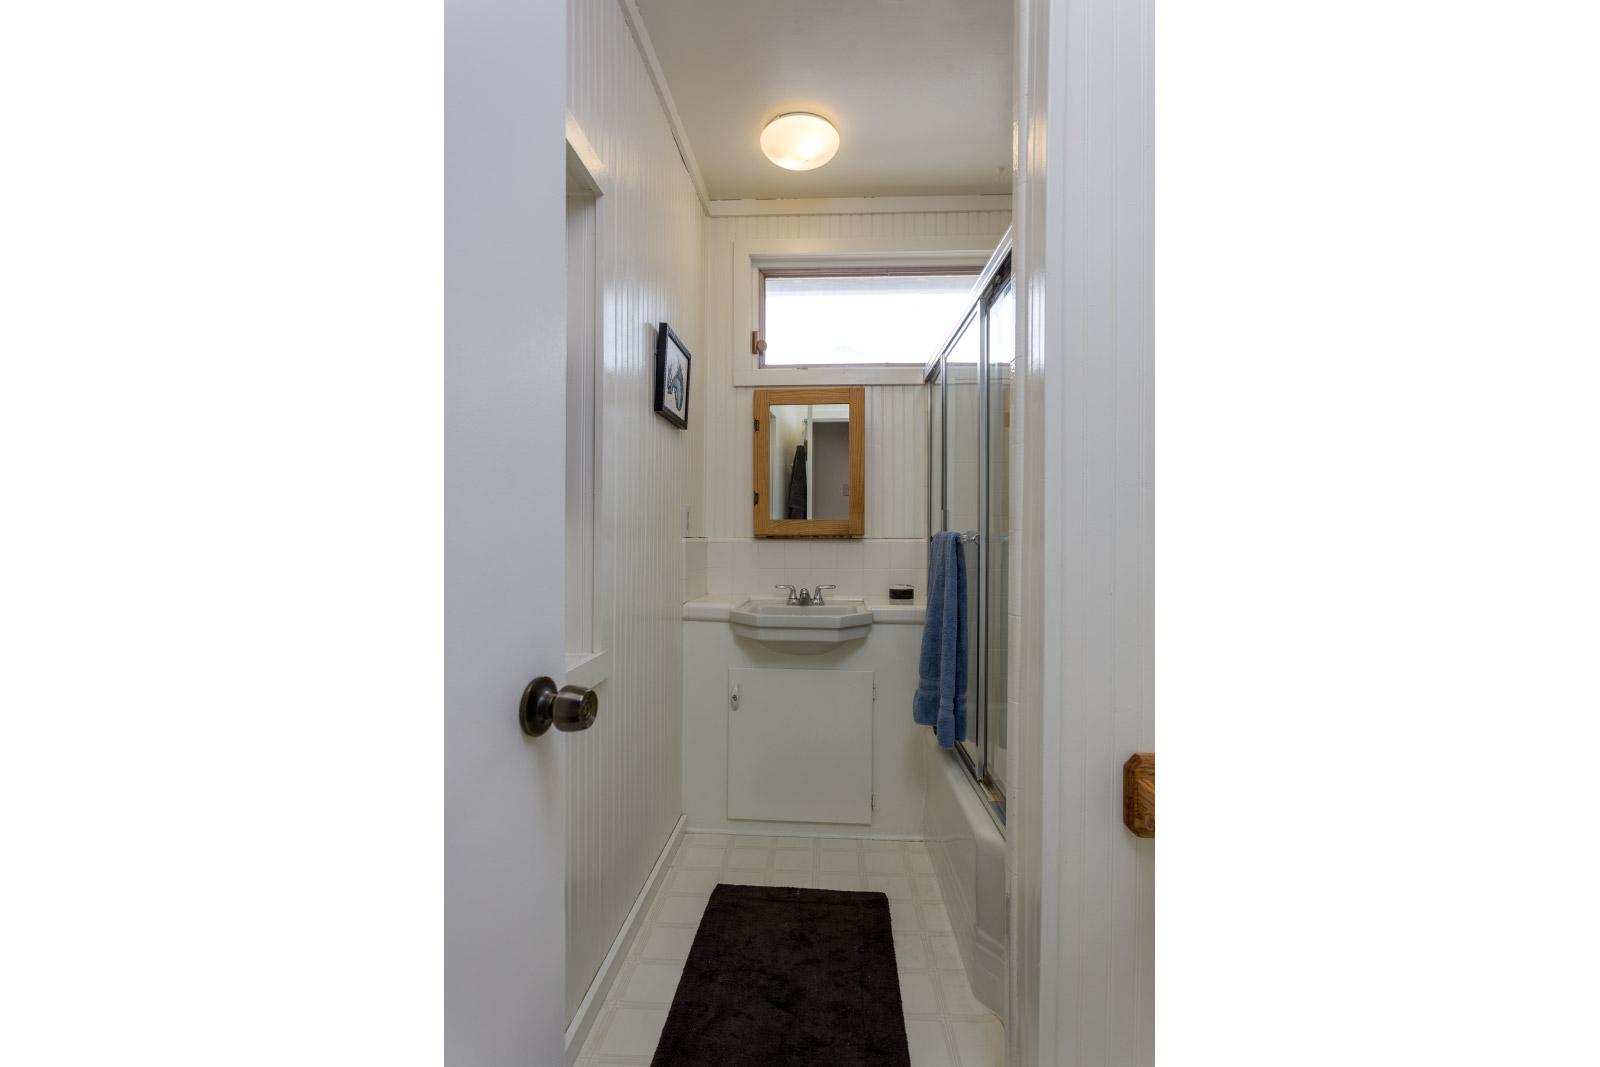 hallway-bath2_16148380273_o.jpg